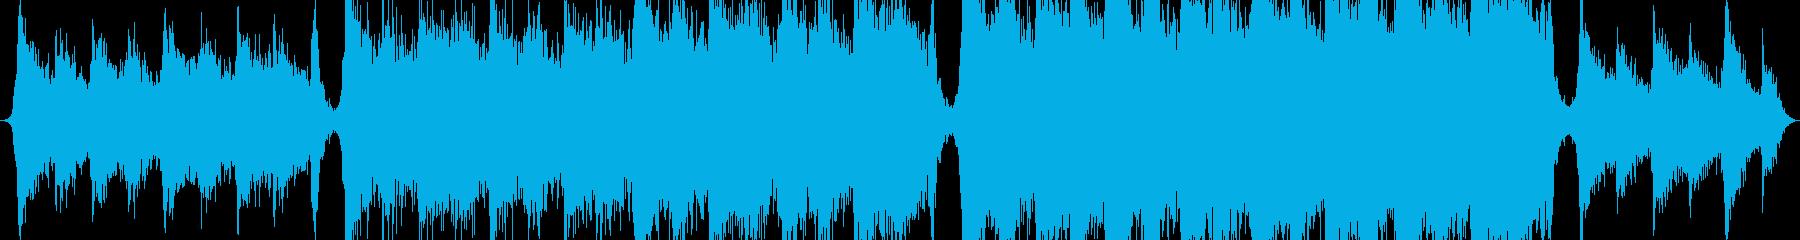 エキサイティングでエネルギッシュで美しいの再生済みの波形